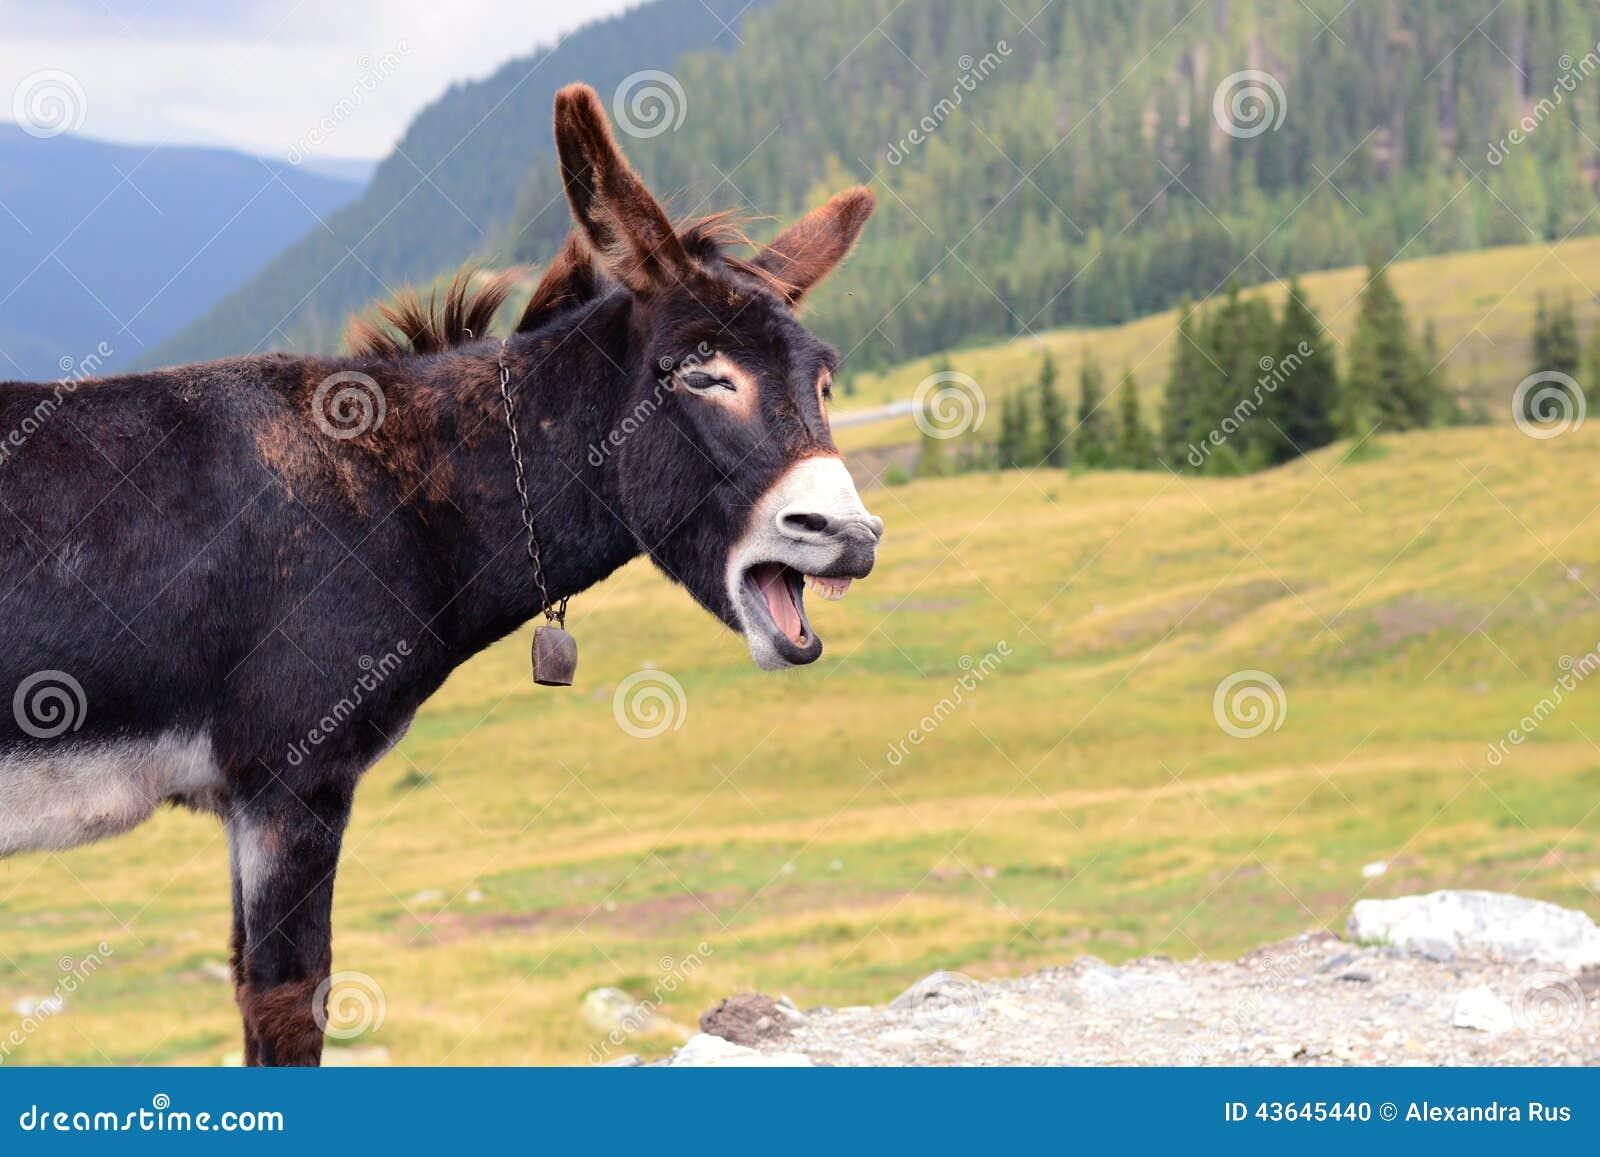 funny donkey laughing stock photo   image 43645440